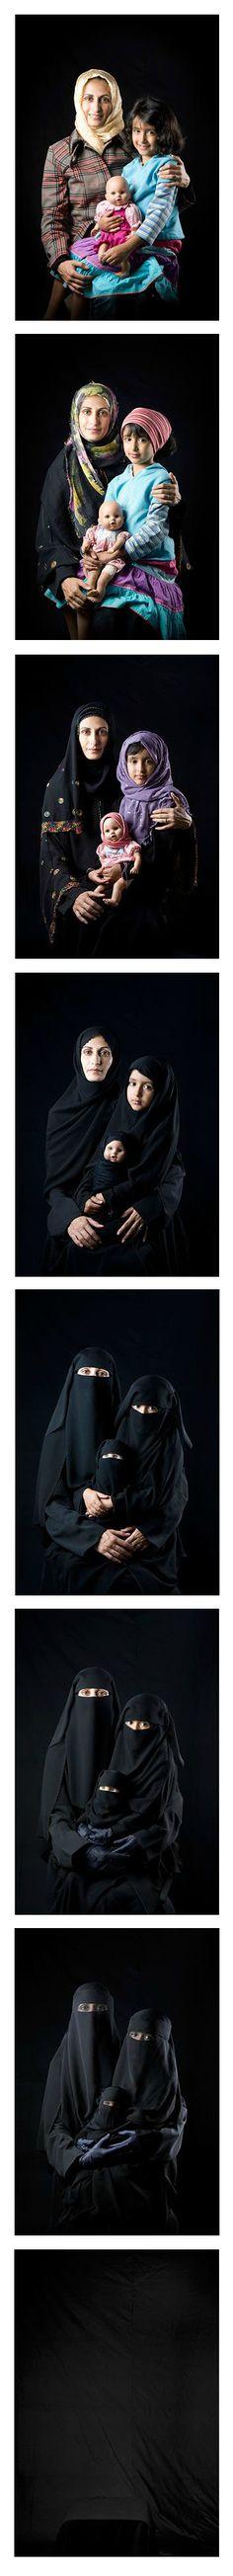 """BUSHRA ALMUTAWAKEL """"Mother, Daughter, Doll"""" // 2010, série de 9 photographies numériques couleur, 40x 60 cm chaque"""